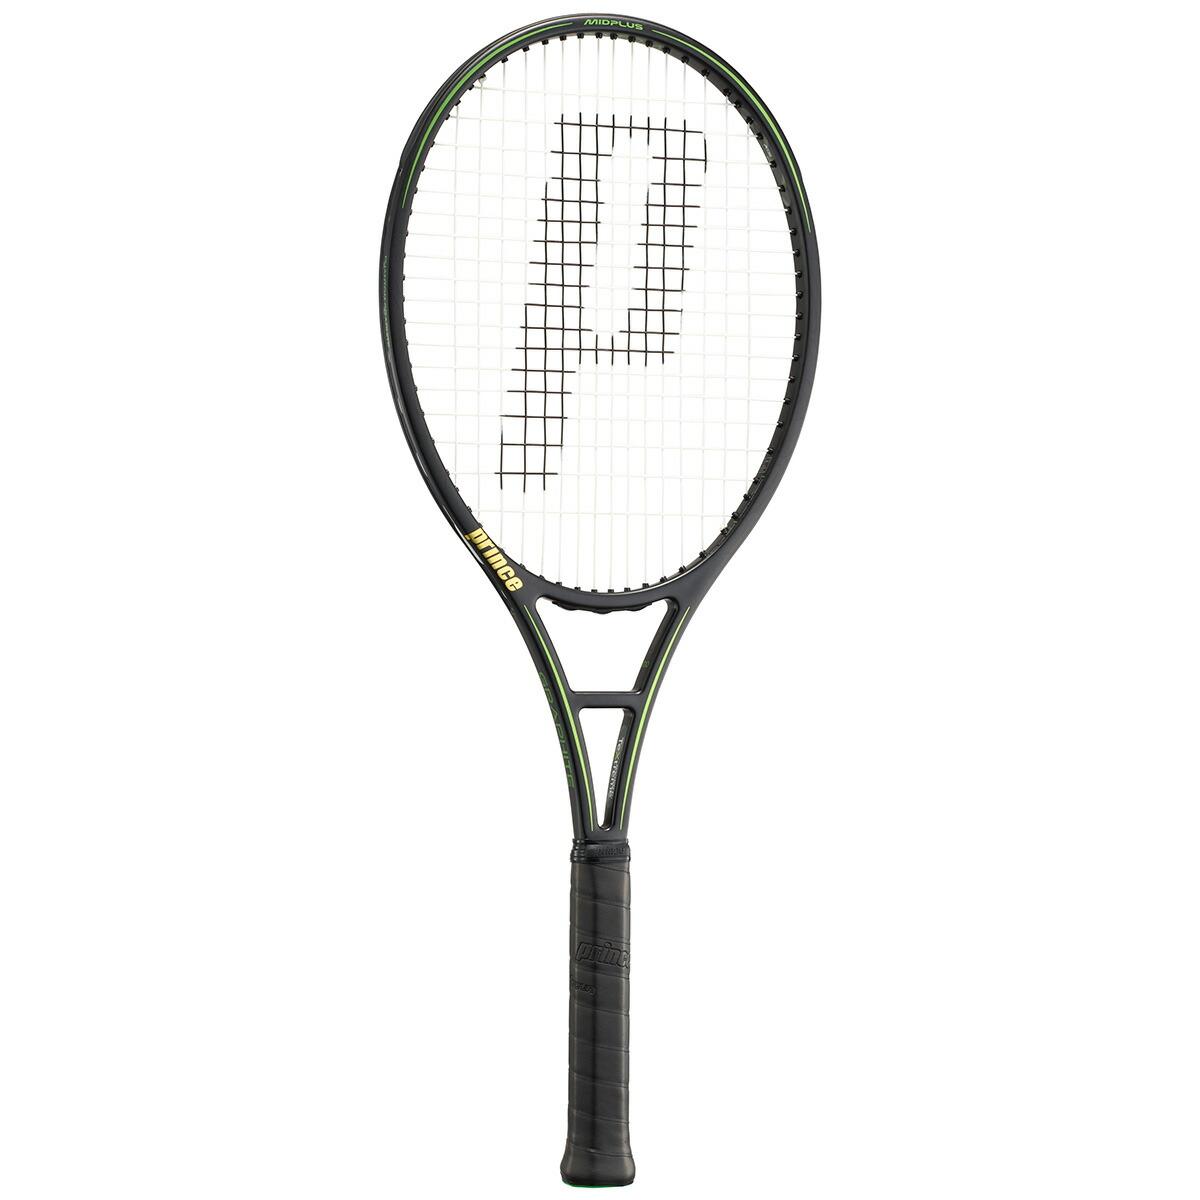 <title>送料無料 ガット張り無料 フェイスカバープレゼント プリンス Prince 硬式テニスラケット PHANTOM GRAPHITE ※アウトレット品 100 ファントム グラファイト 7TJ108</title>